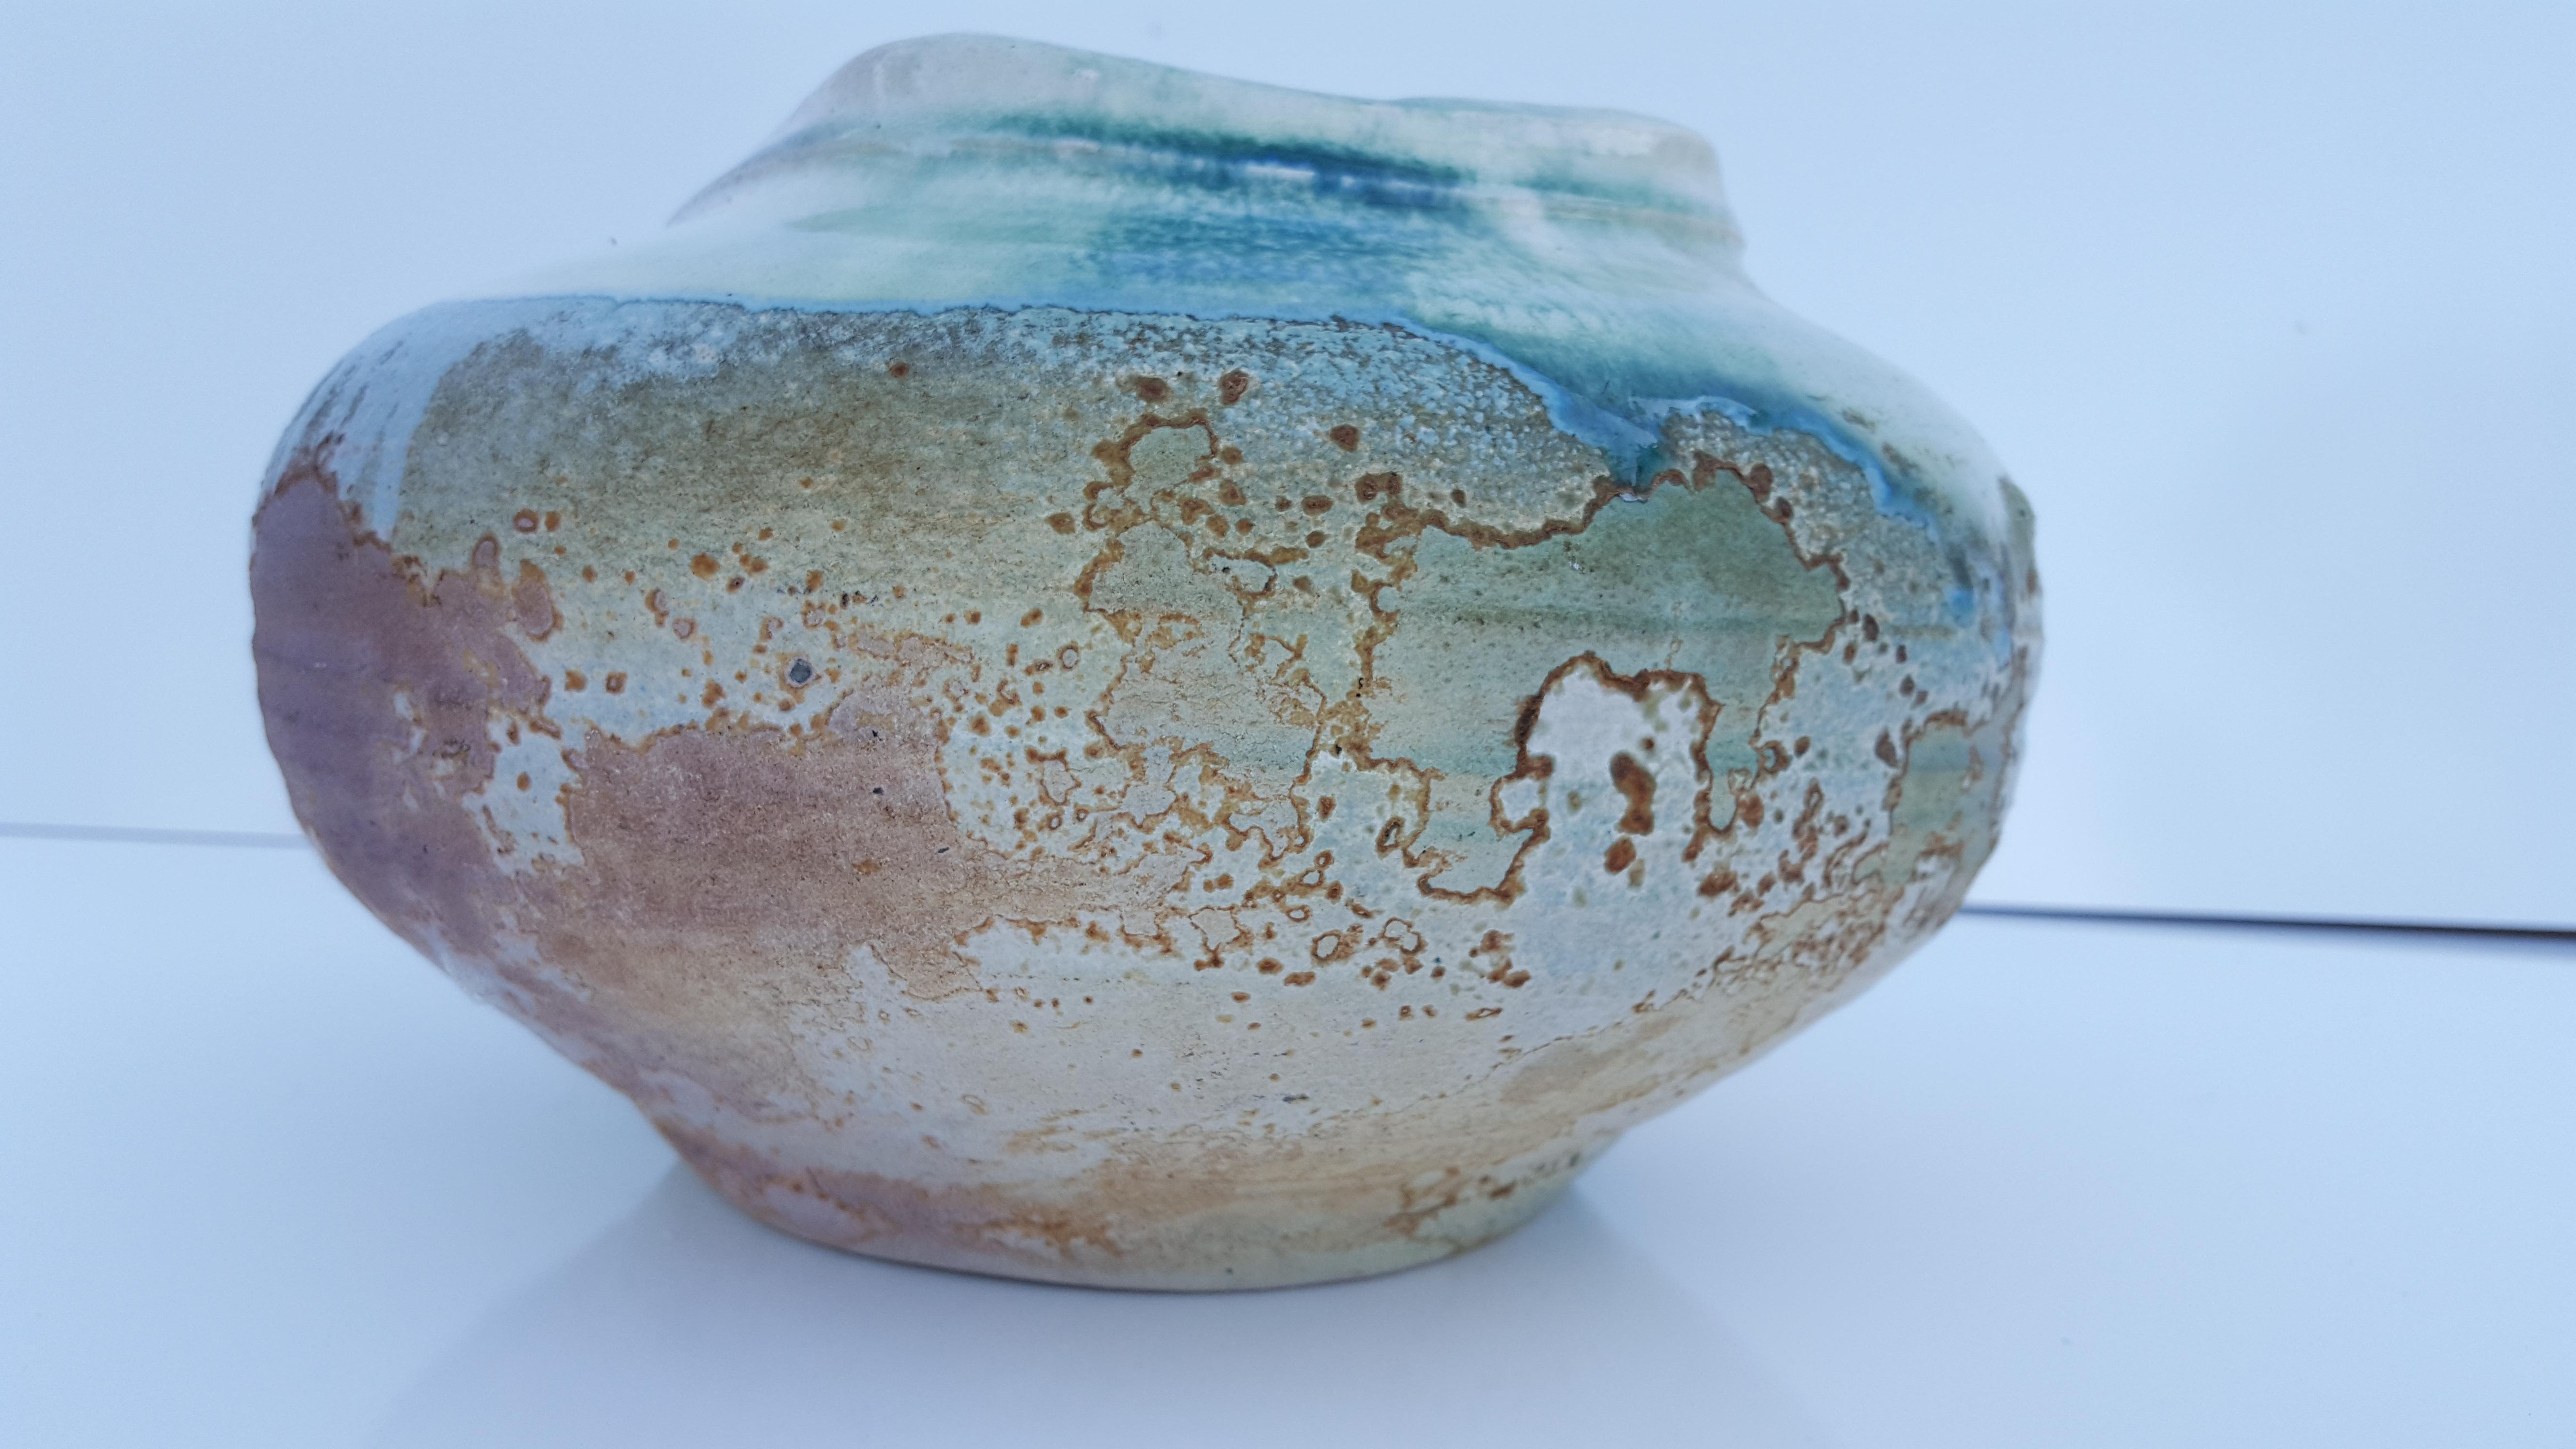 Tony Evans Raku Pottery Ceramic Bowl Raku Pottery Tony Evans Raku Pottery